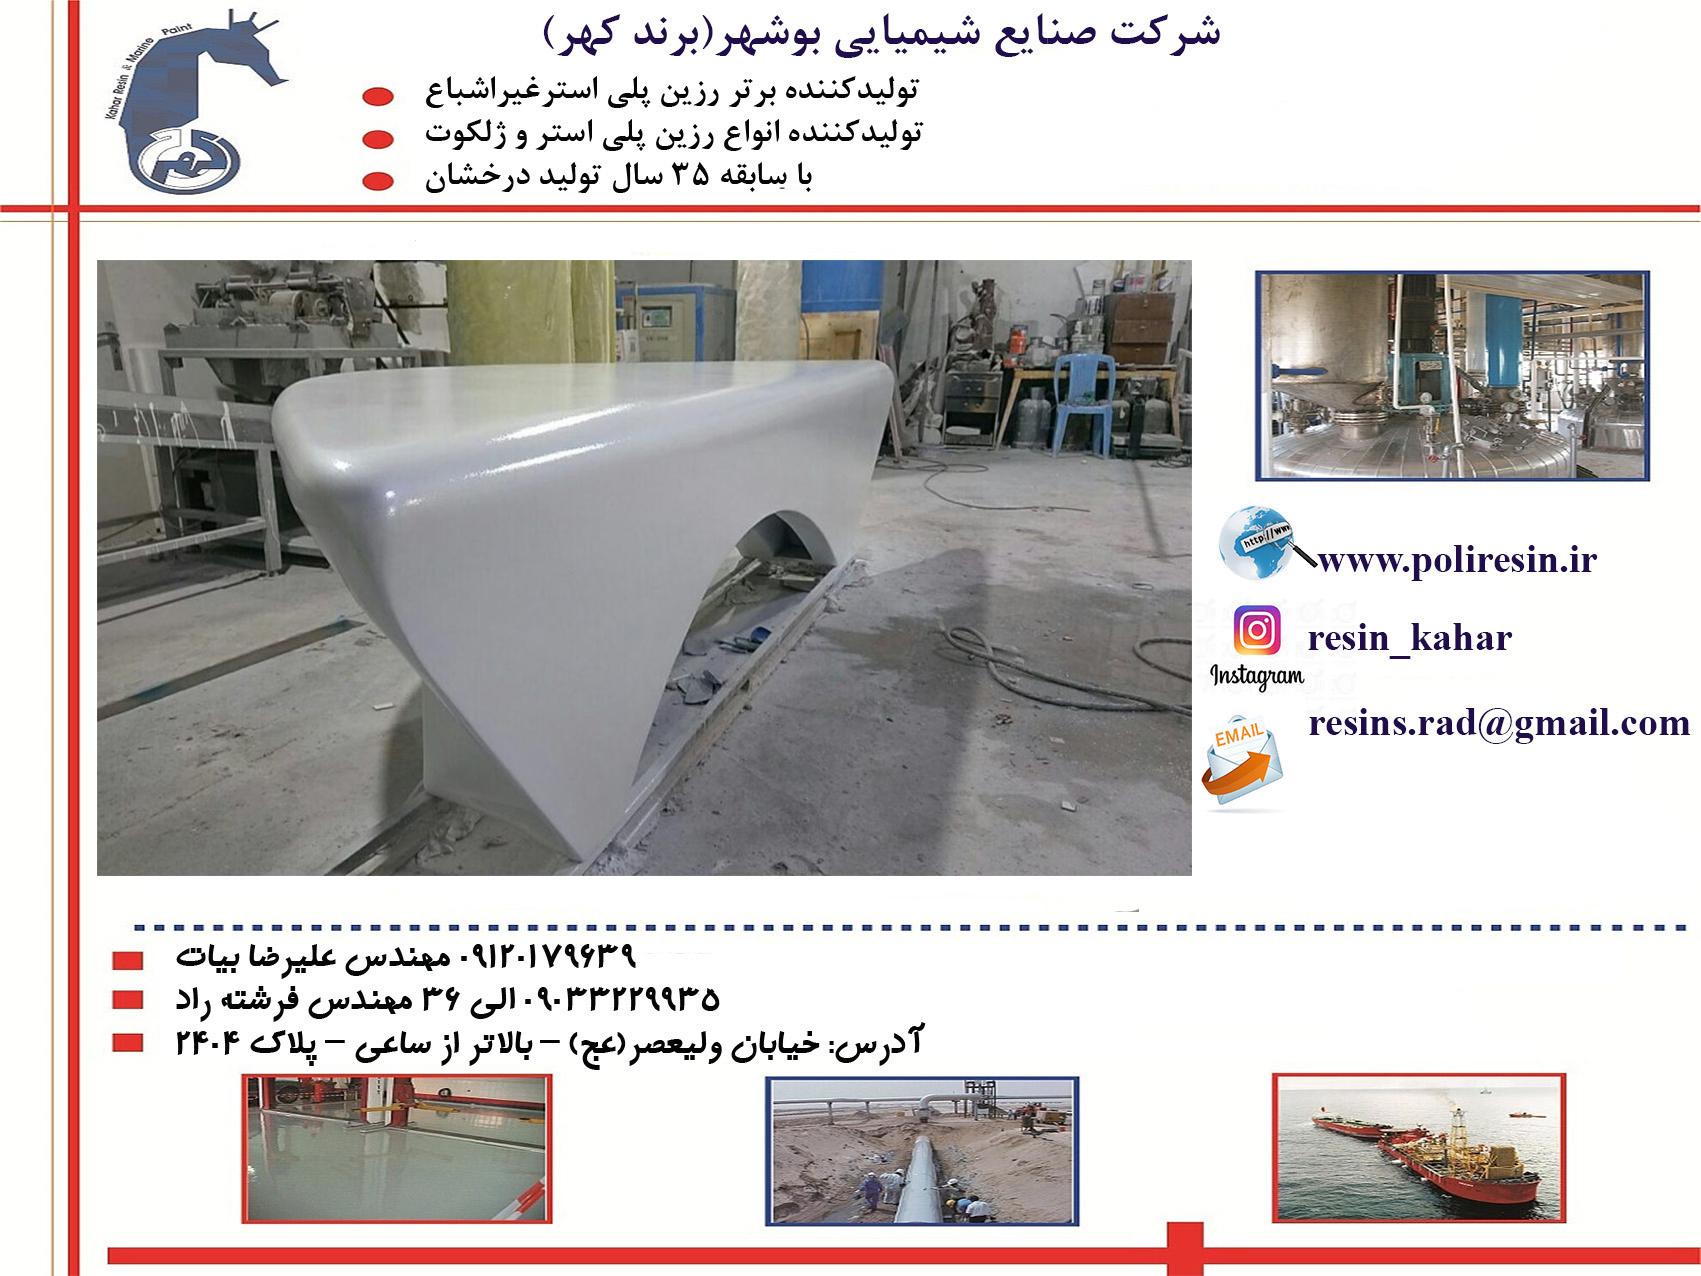 چرا شرکت صنایع شیمیایی بوشهر؟